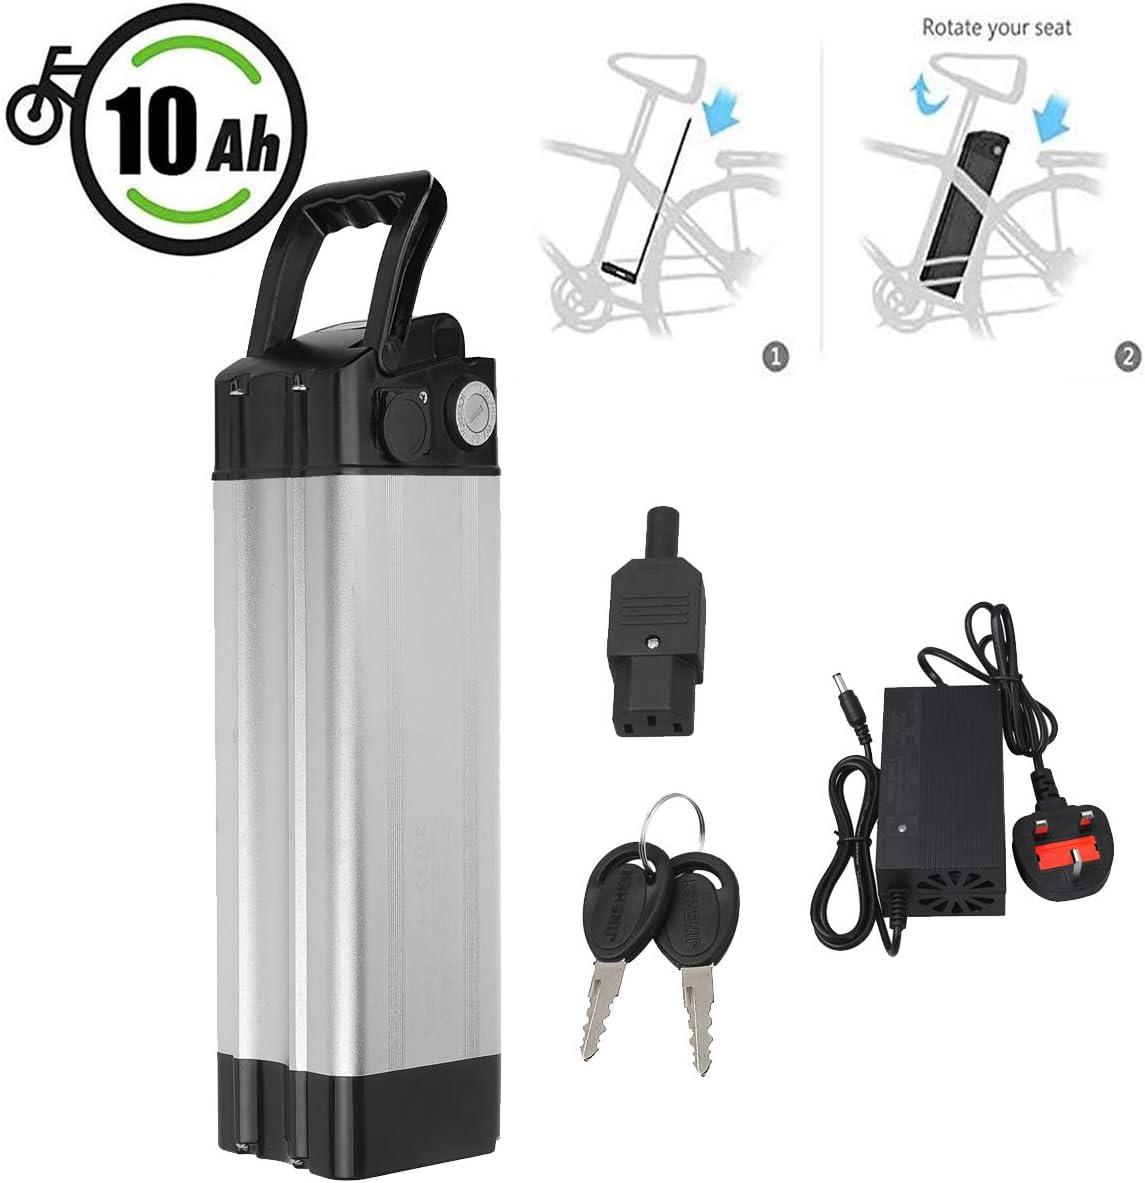 Vinteky 24V 10.4AH/15AH/20AH Batería de E-Bike, Batería de Iones de Litio para Bicicleta Eléctrica con Cargador de Bloqueo Antirrobo